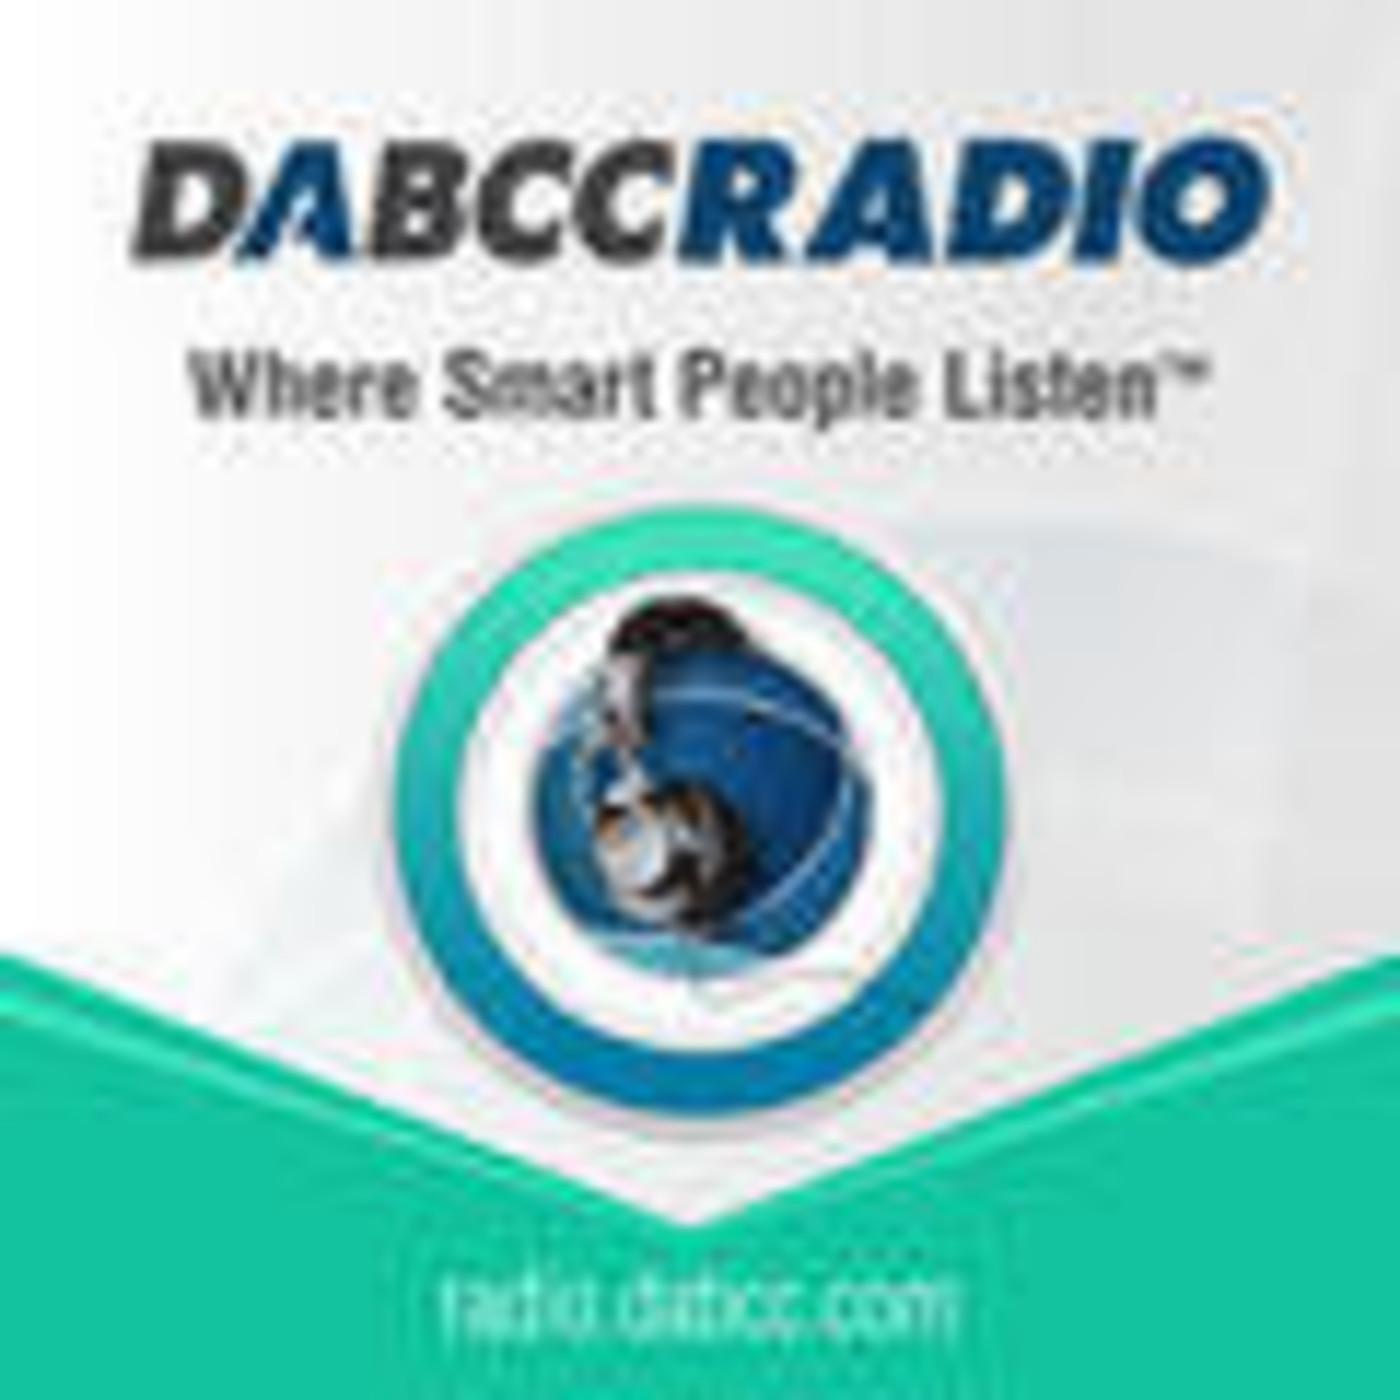 Douglas A. Brown (DABCC.com)